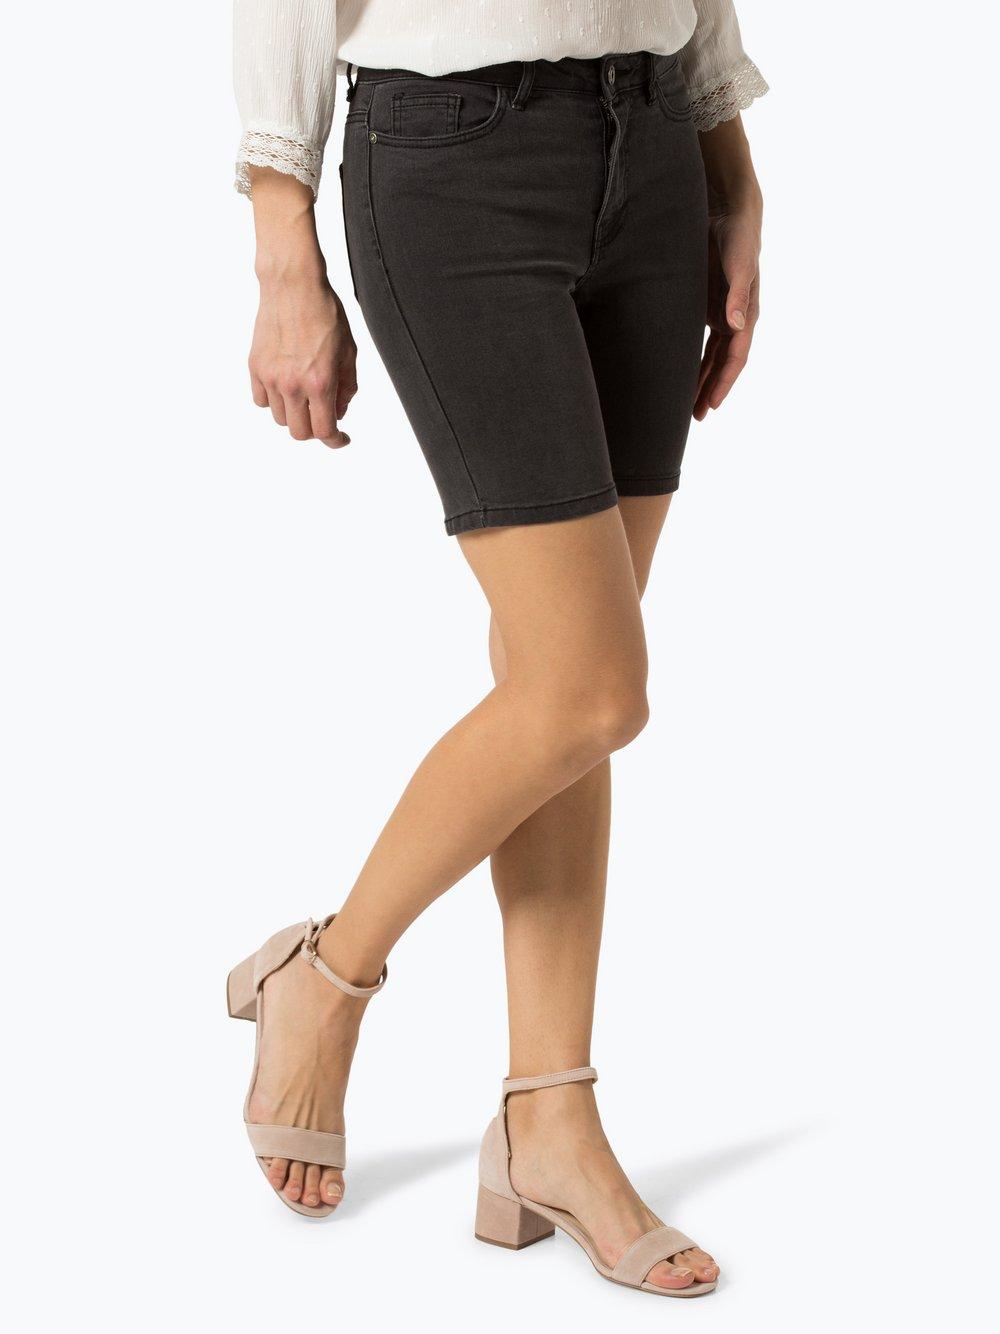 ONLY - Damskie krótkie spodenki jeansowe – Corin, czarny